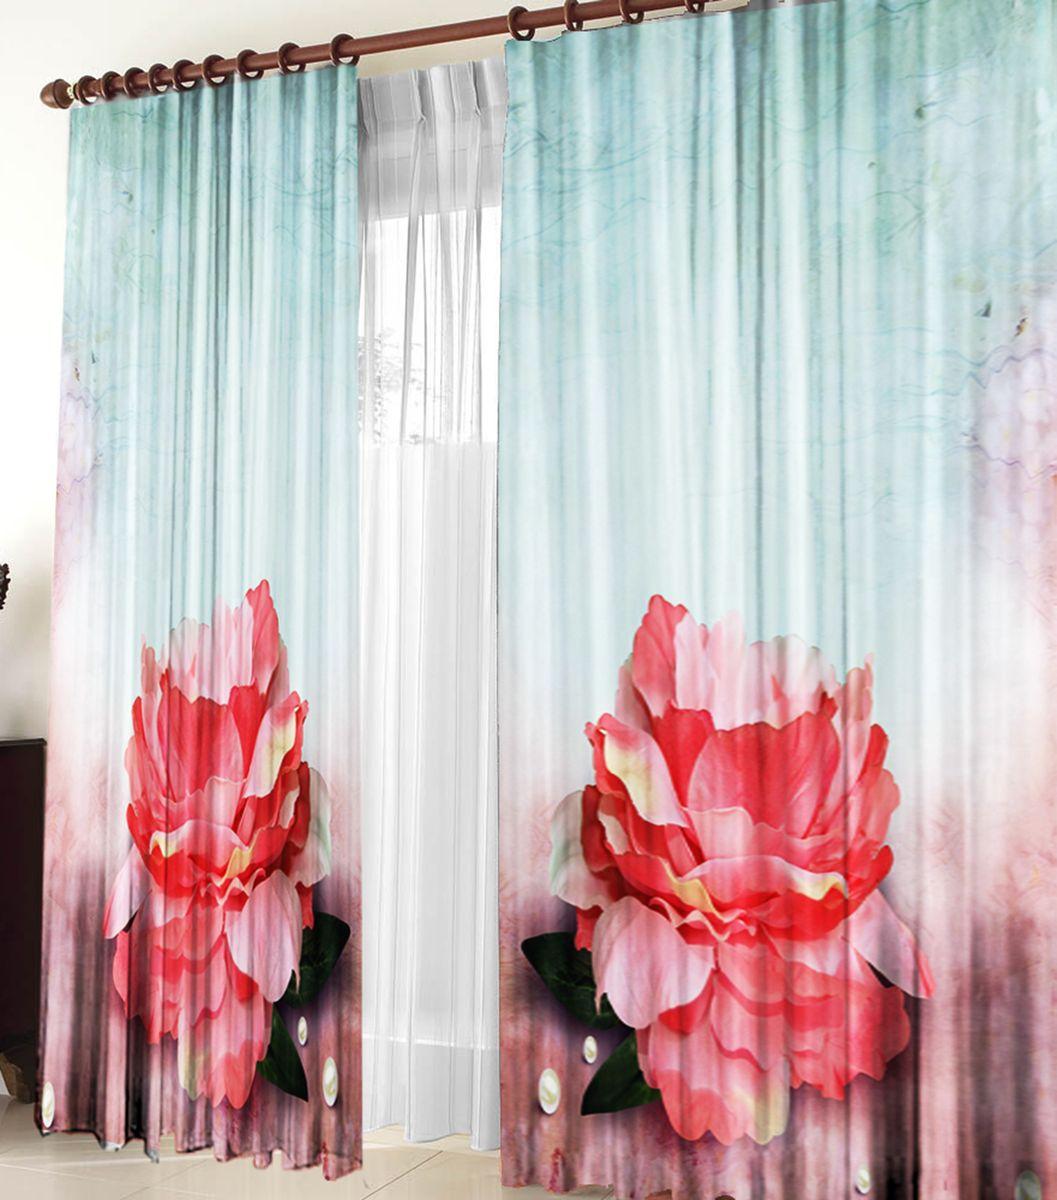 Комплект фотоштор Zlata Korunka Тайна, на ленте, высота 270 см21236Комплект фотоштор Zlata Korunka изготовлен из габардиновой ткани высочайшего качества. Фотошторы способны не пропускать самый яркий свет, их можно гладить и стирать. Рекомендации по уходу: бережная стирка при 30°С, деликатный отжим, отбеливание запрещено, гладить при температуре не более 150°С. Светопоглощение 70%. Плотность ткани: 150 г/м2. Оттенок изделия может отличаться от представленного на сайте в силу особенностей цветопередачи фототехники и вашего монитора.